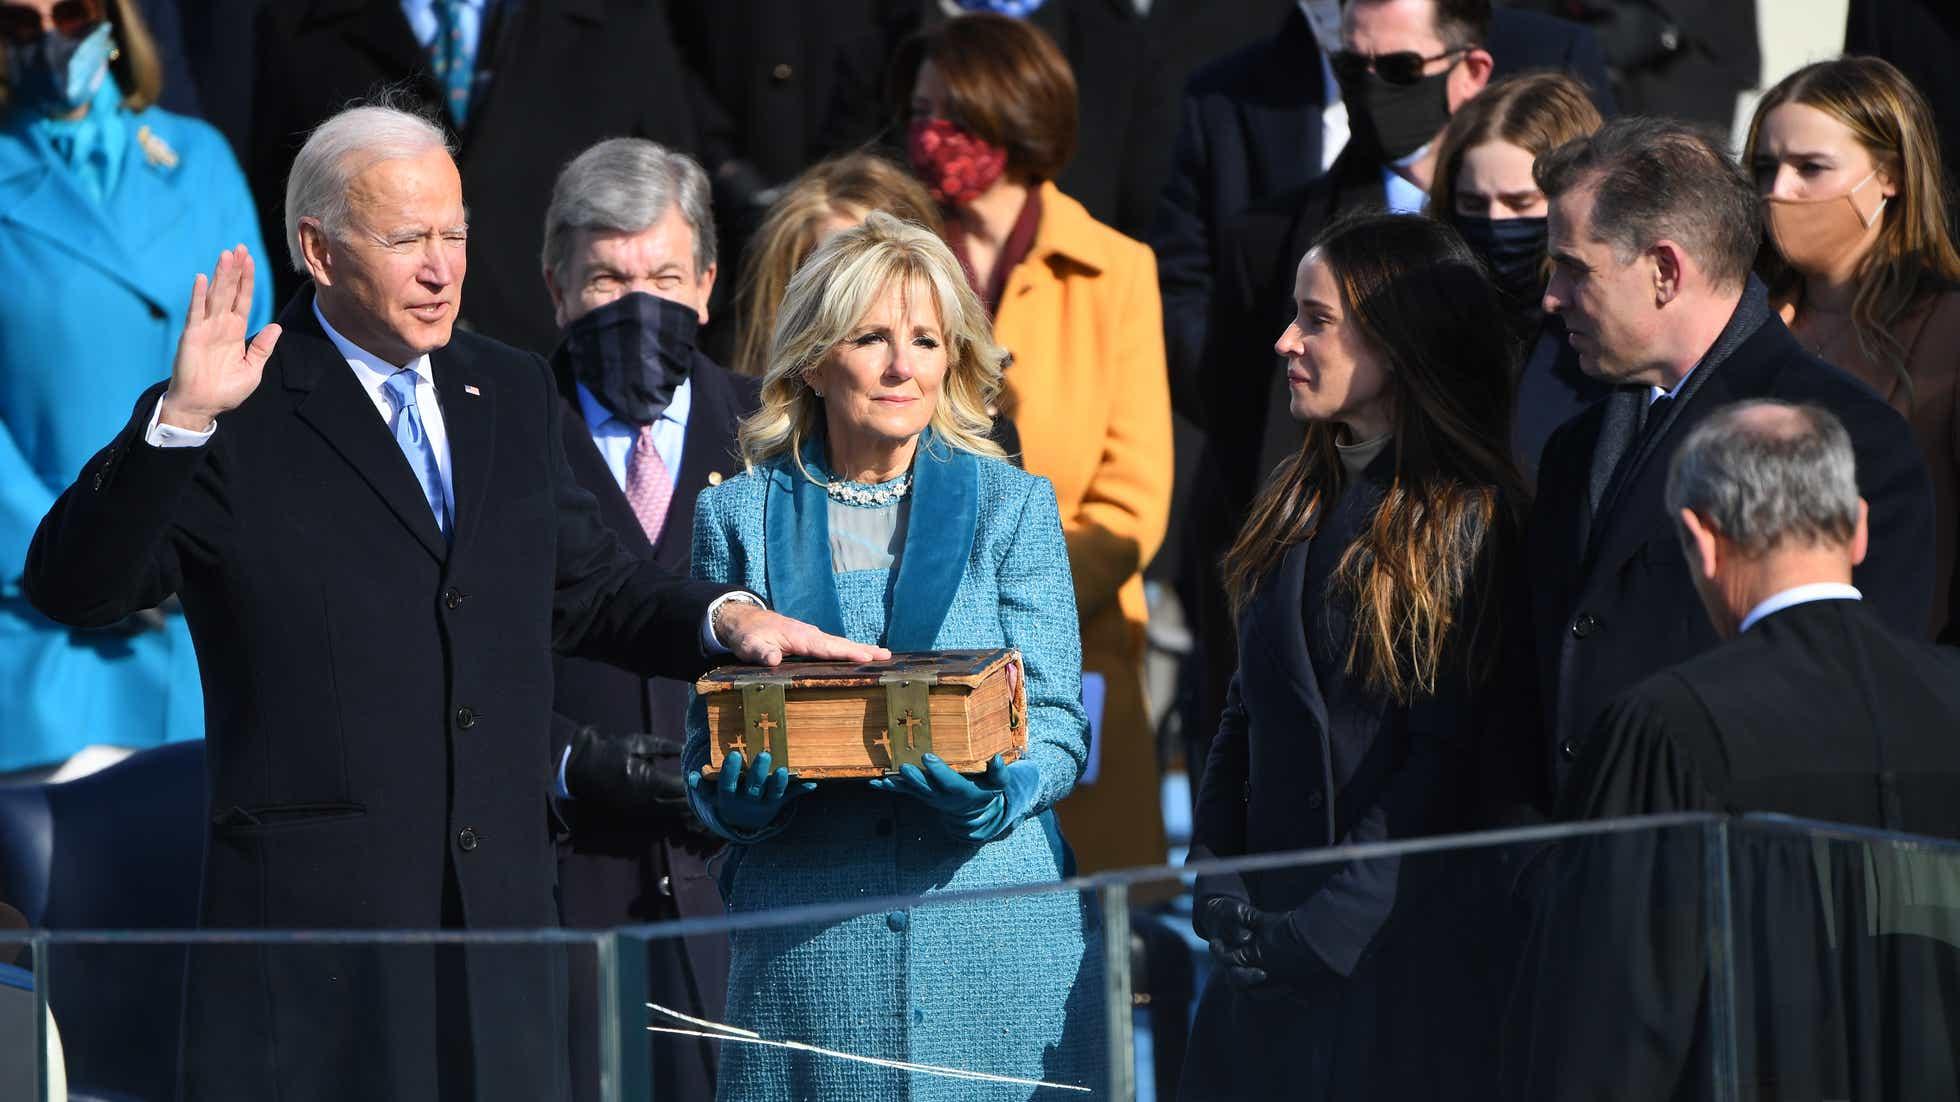 Biden and harris sworn in